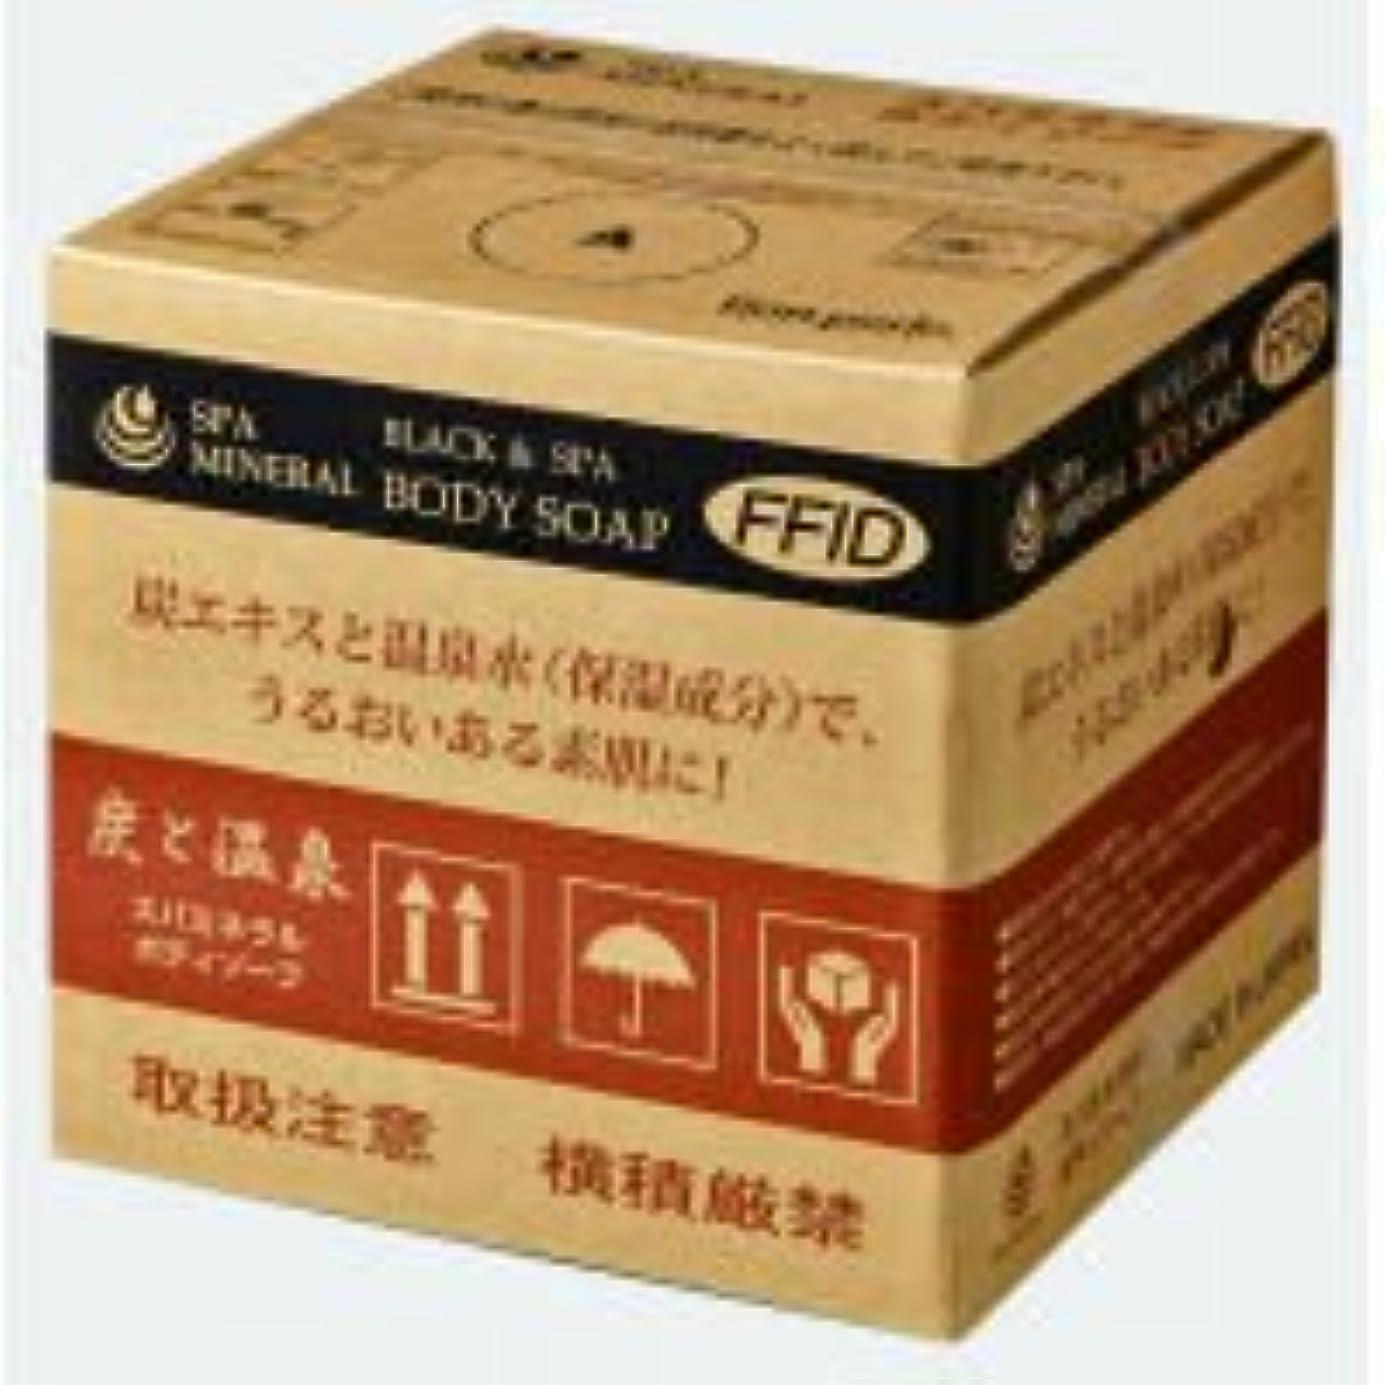 クロニクルスツール誤解を招くスパミネラル 炭ボディソープ 20kg 詰替用